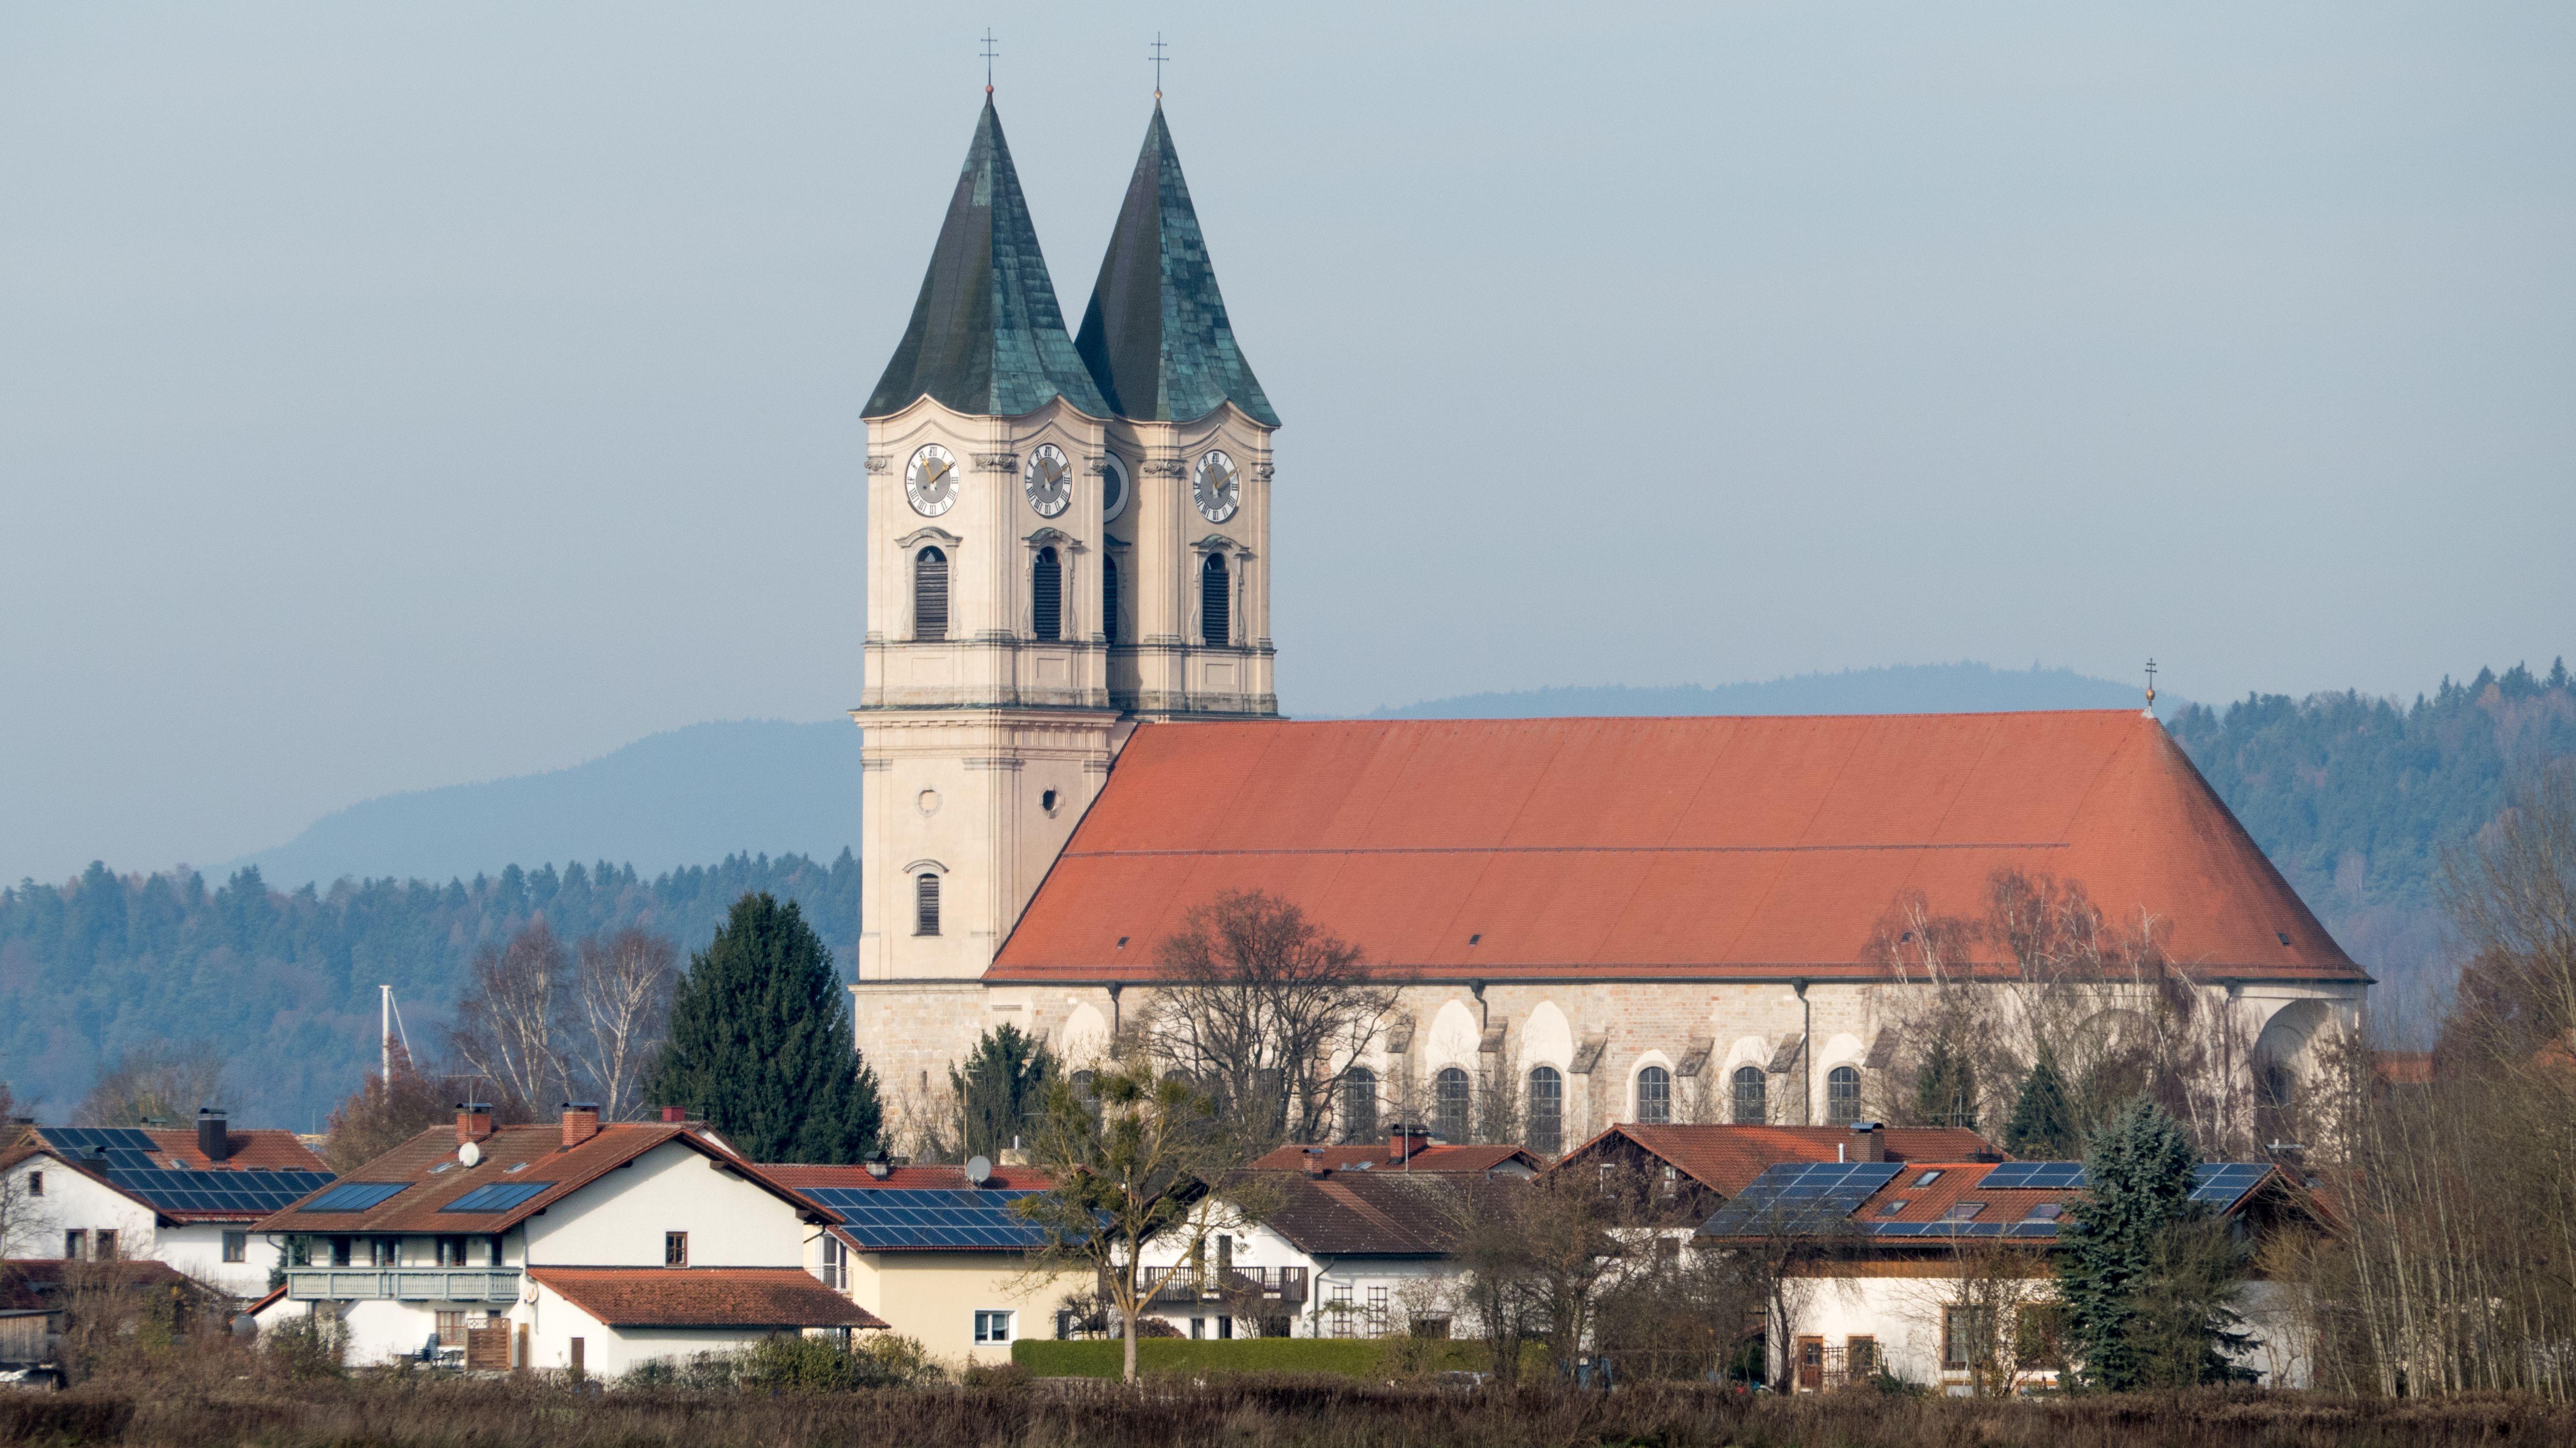 Kirche des Benediktinerklosters in Niederalteich